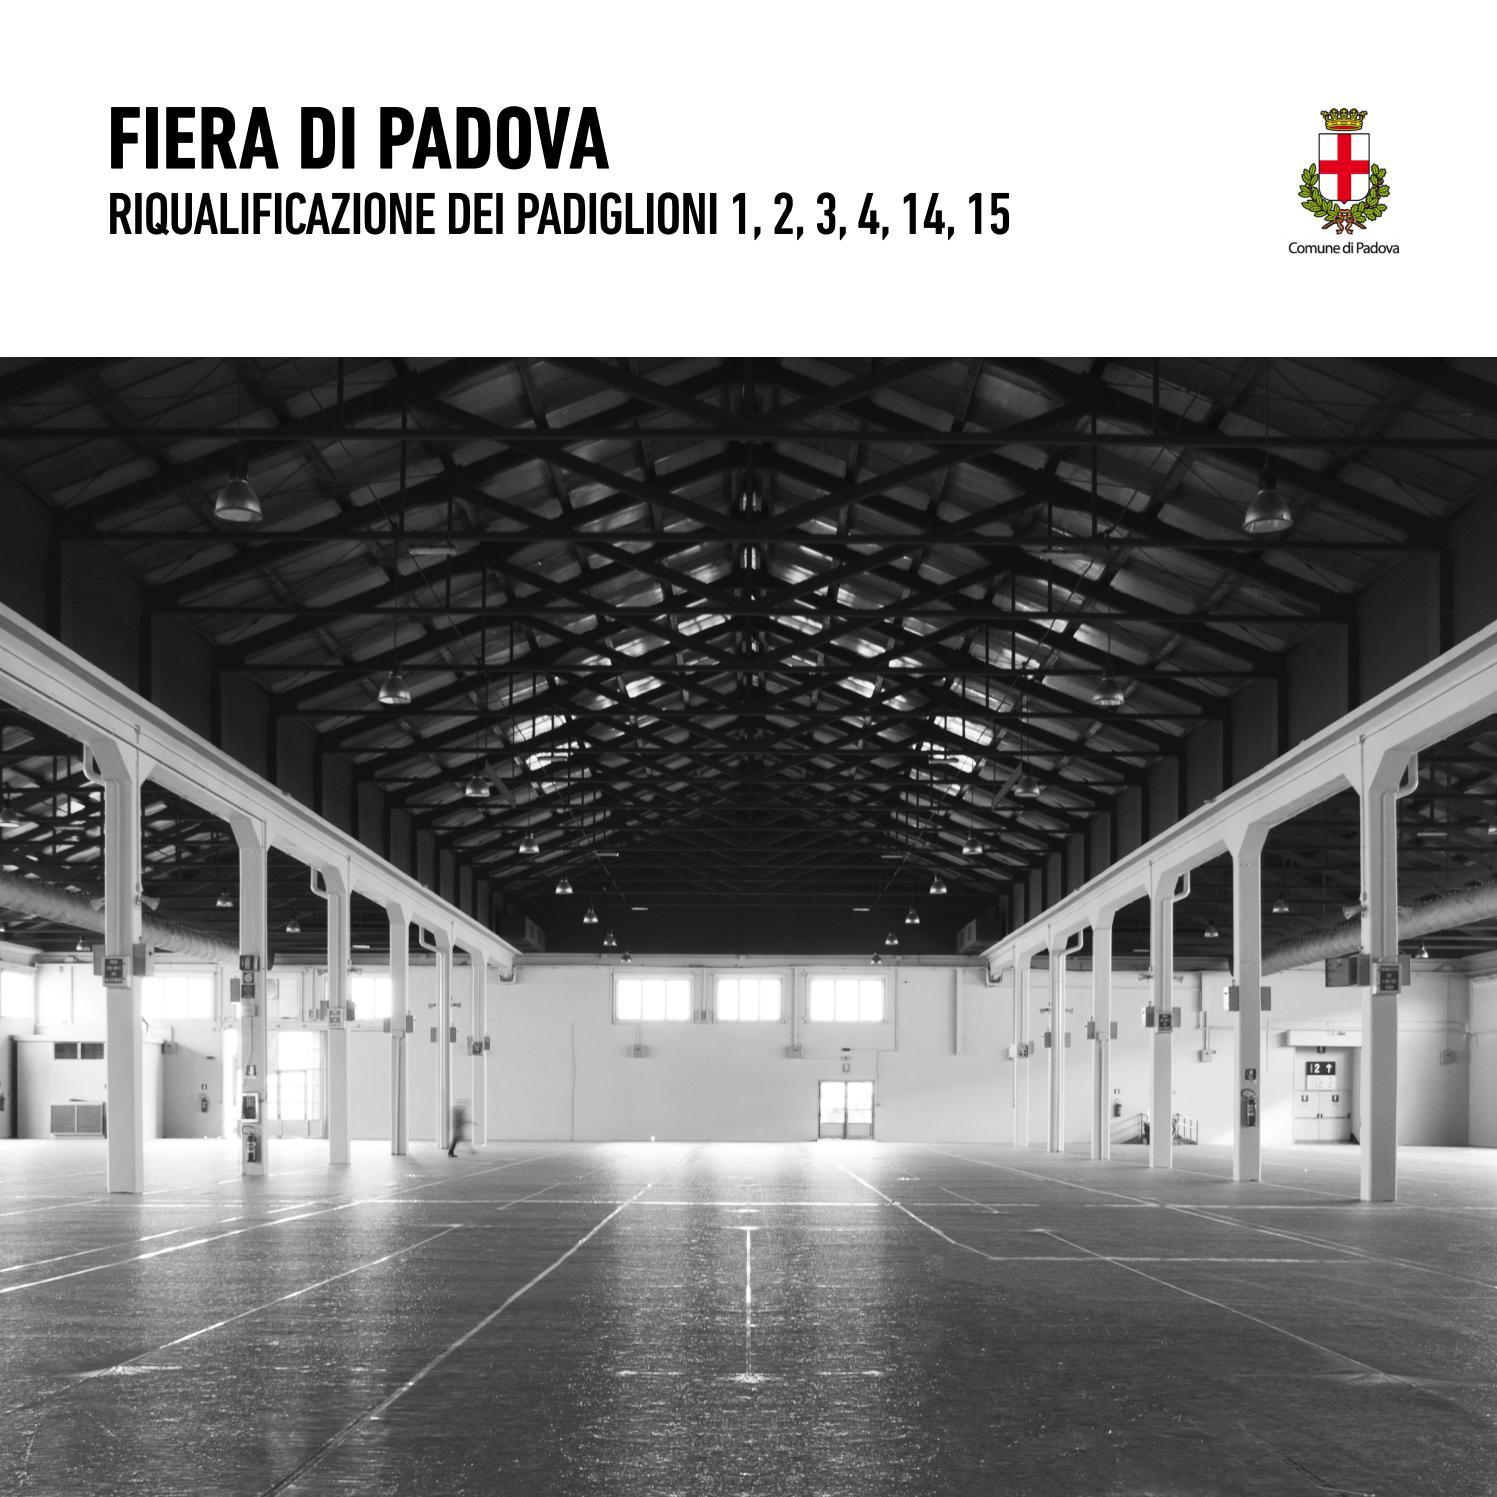 Fiera di padova by sinergo spa issuu for Fiera arredamento padova